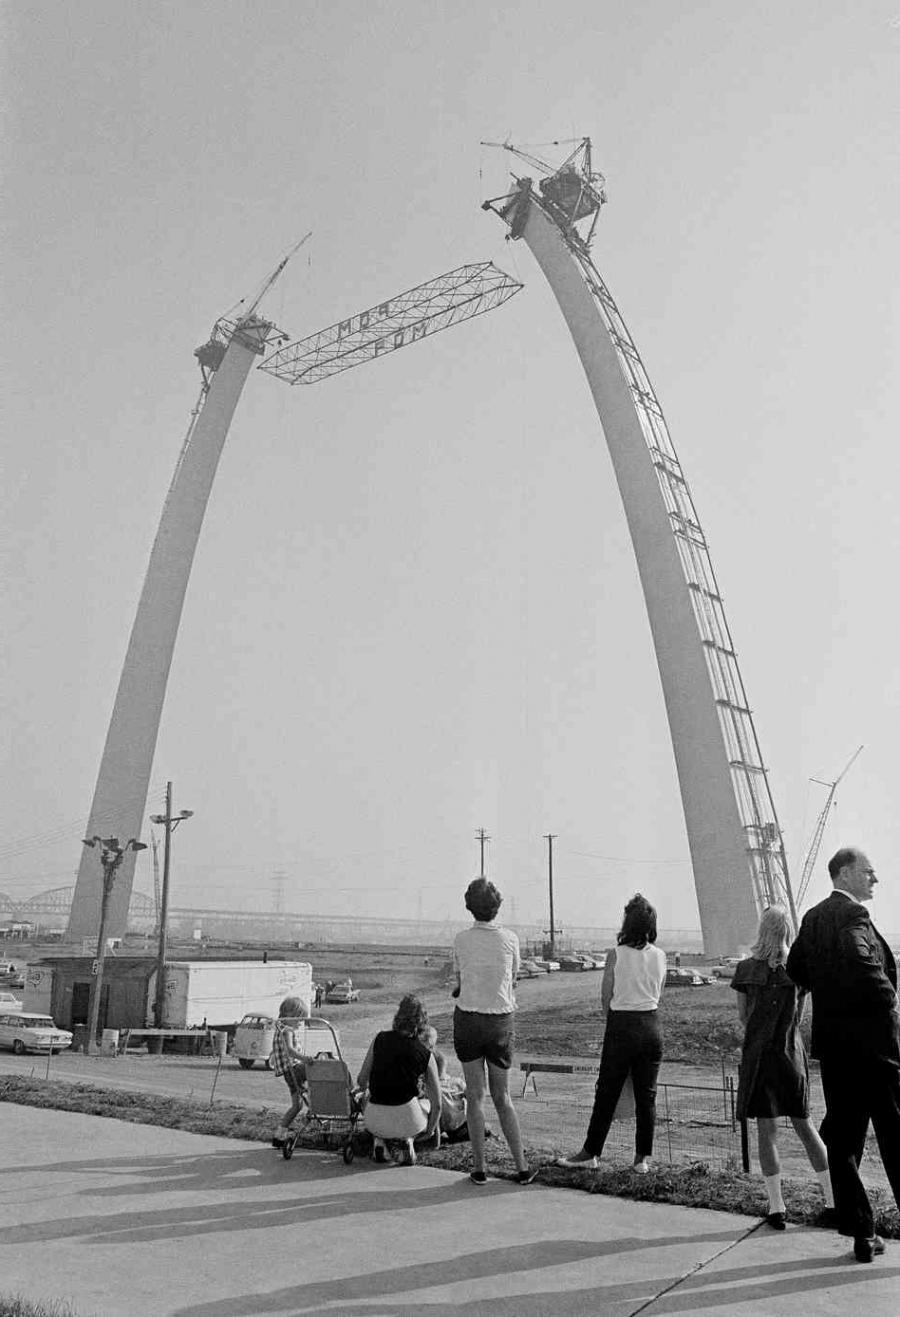 st louis arch construction photos